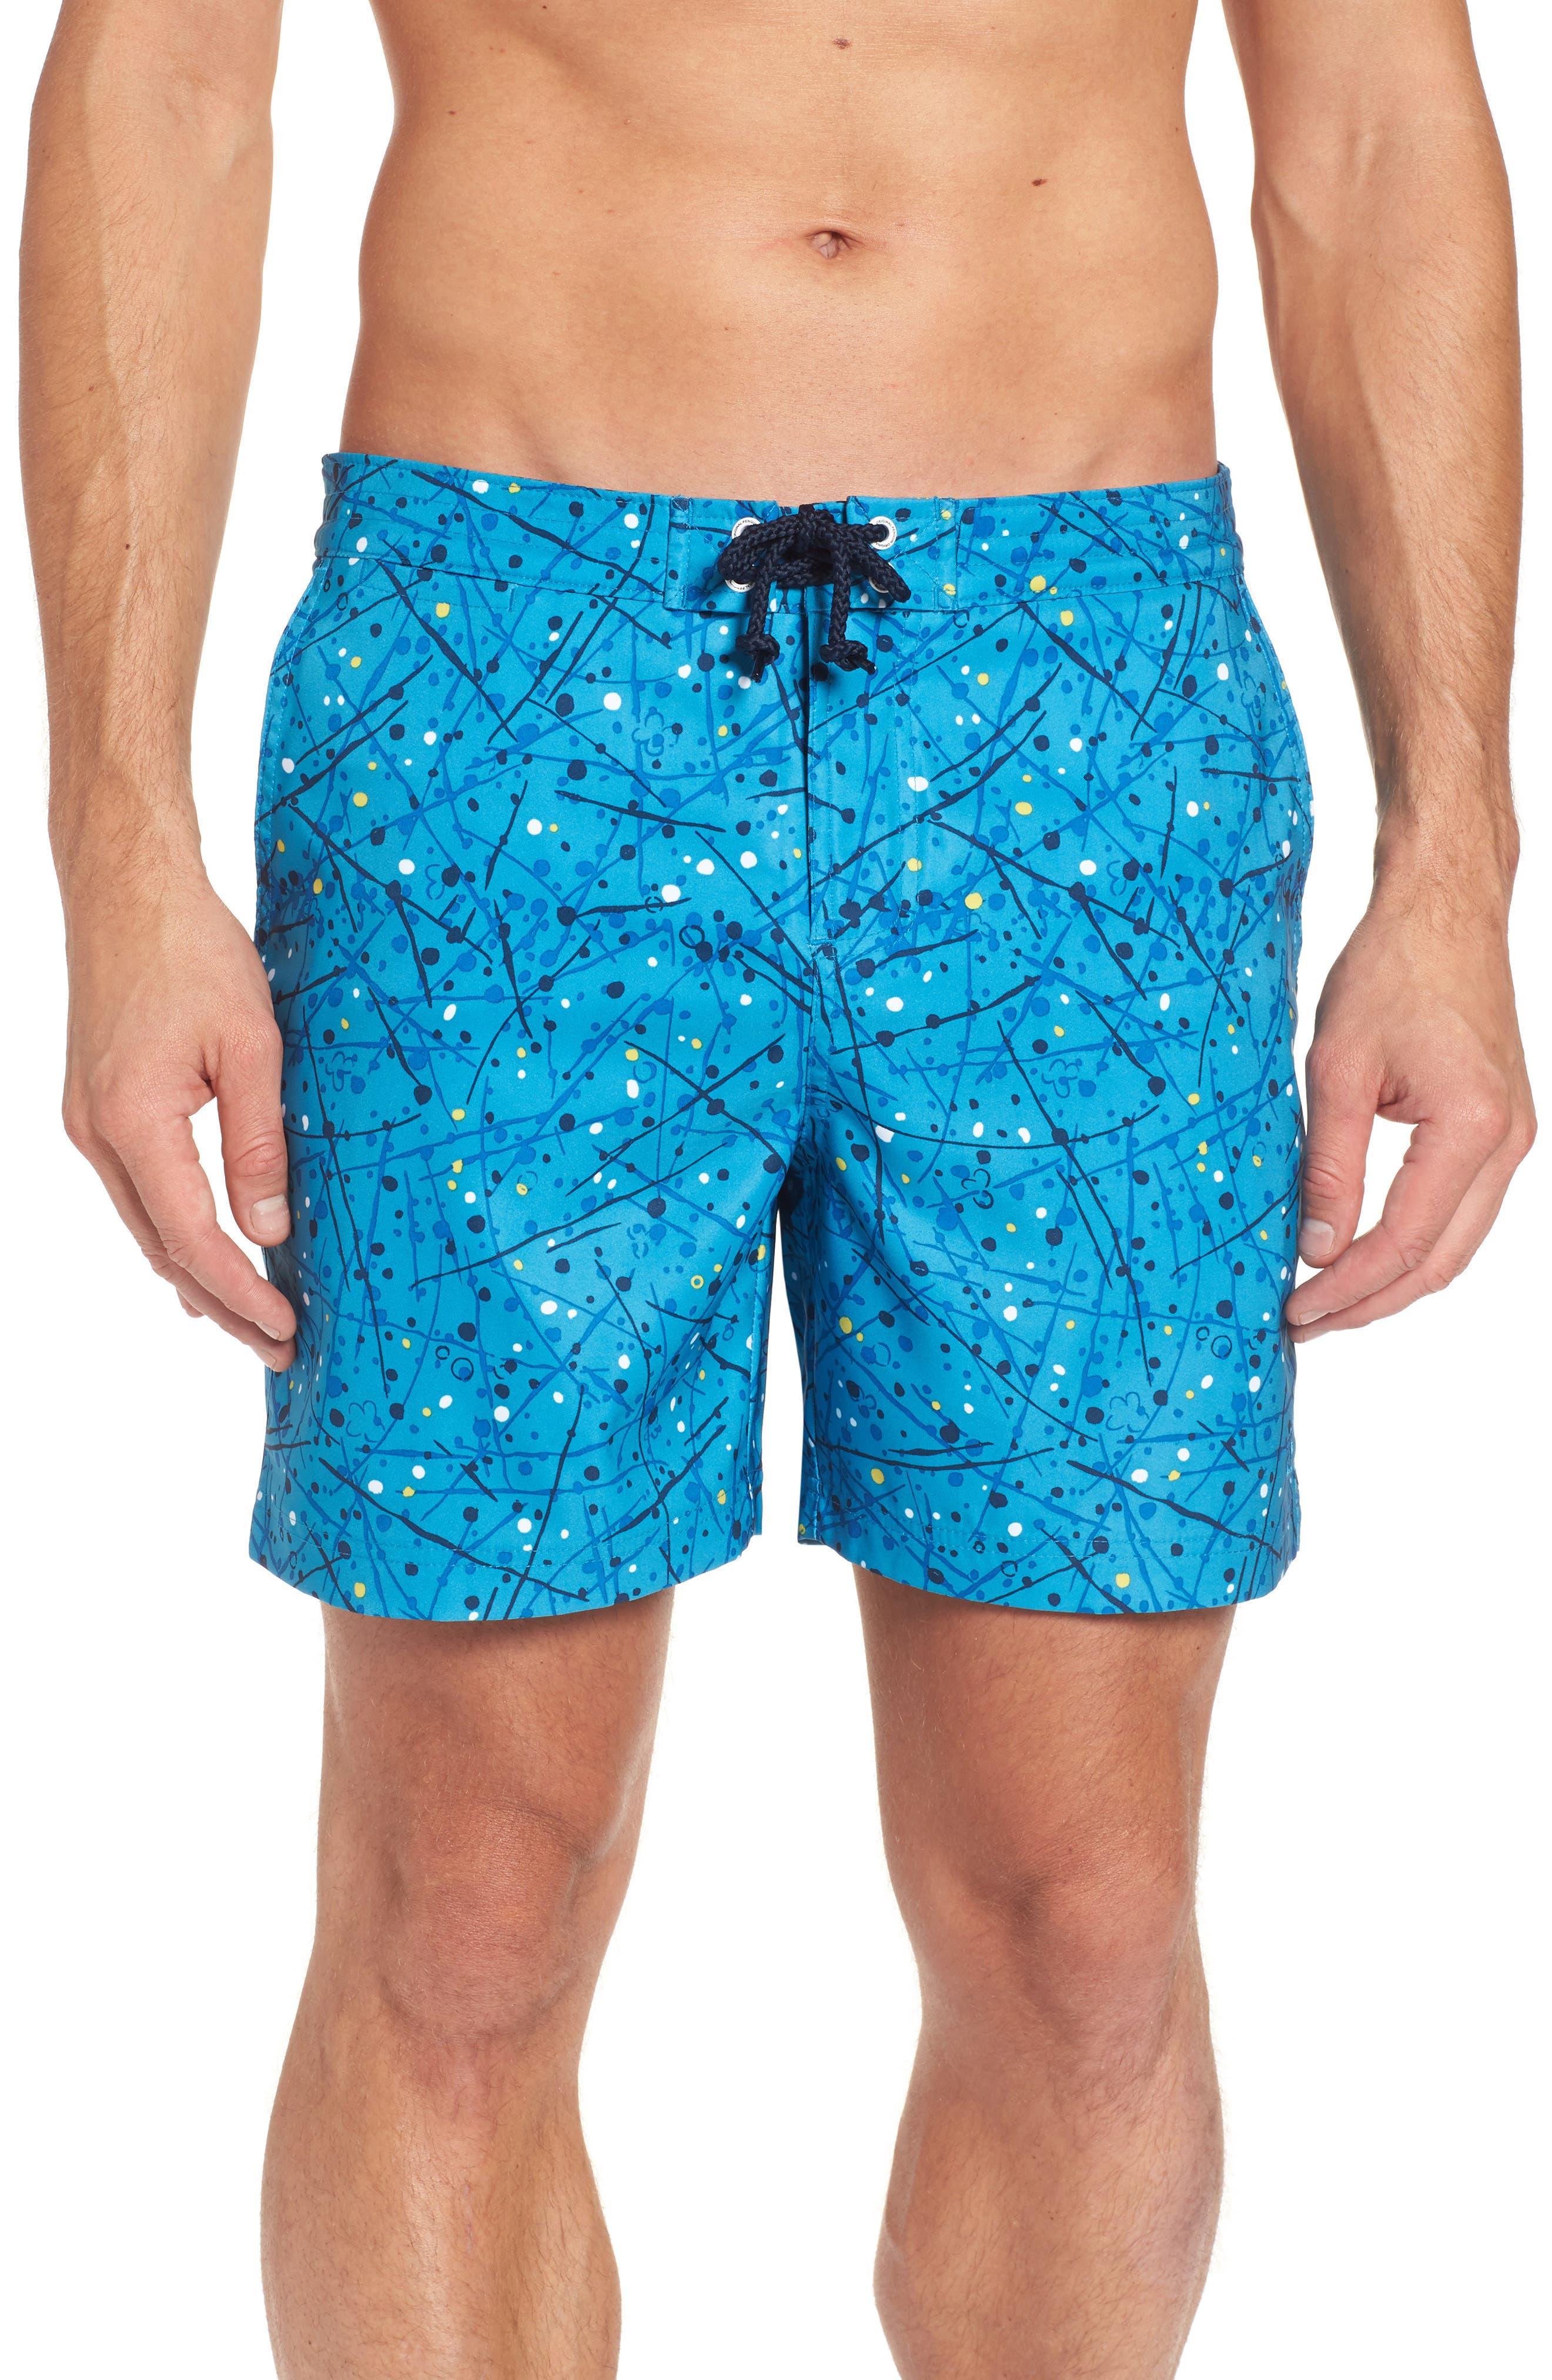 Splatter Paint Swim Trunks,                         Main,                         color,